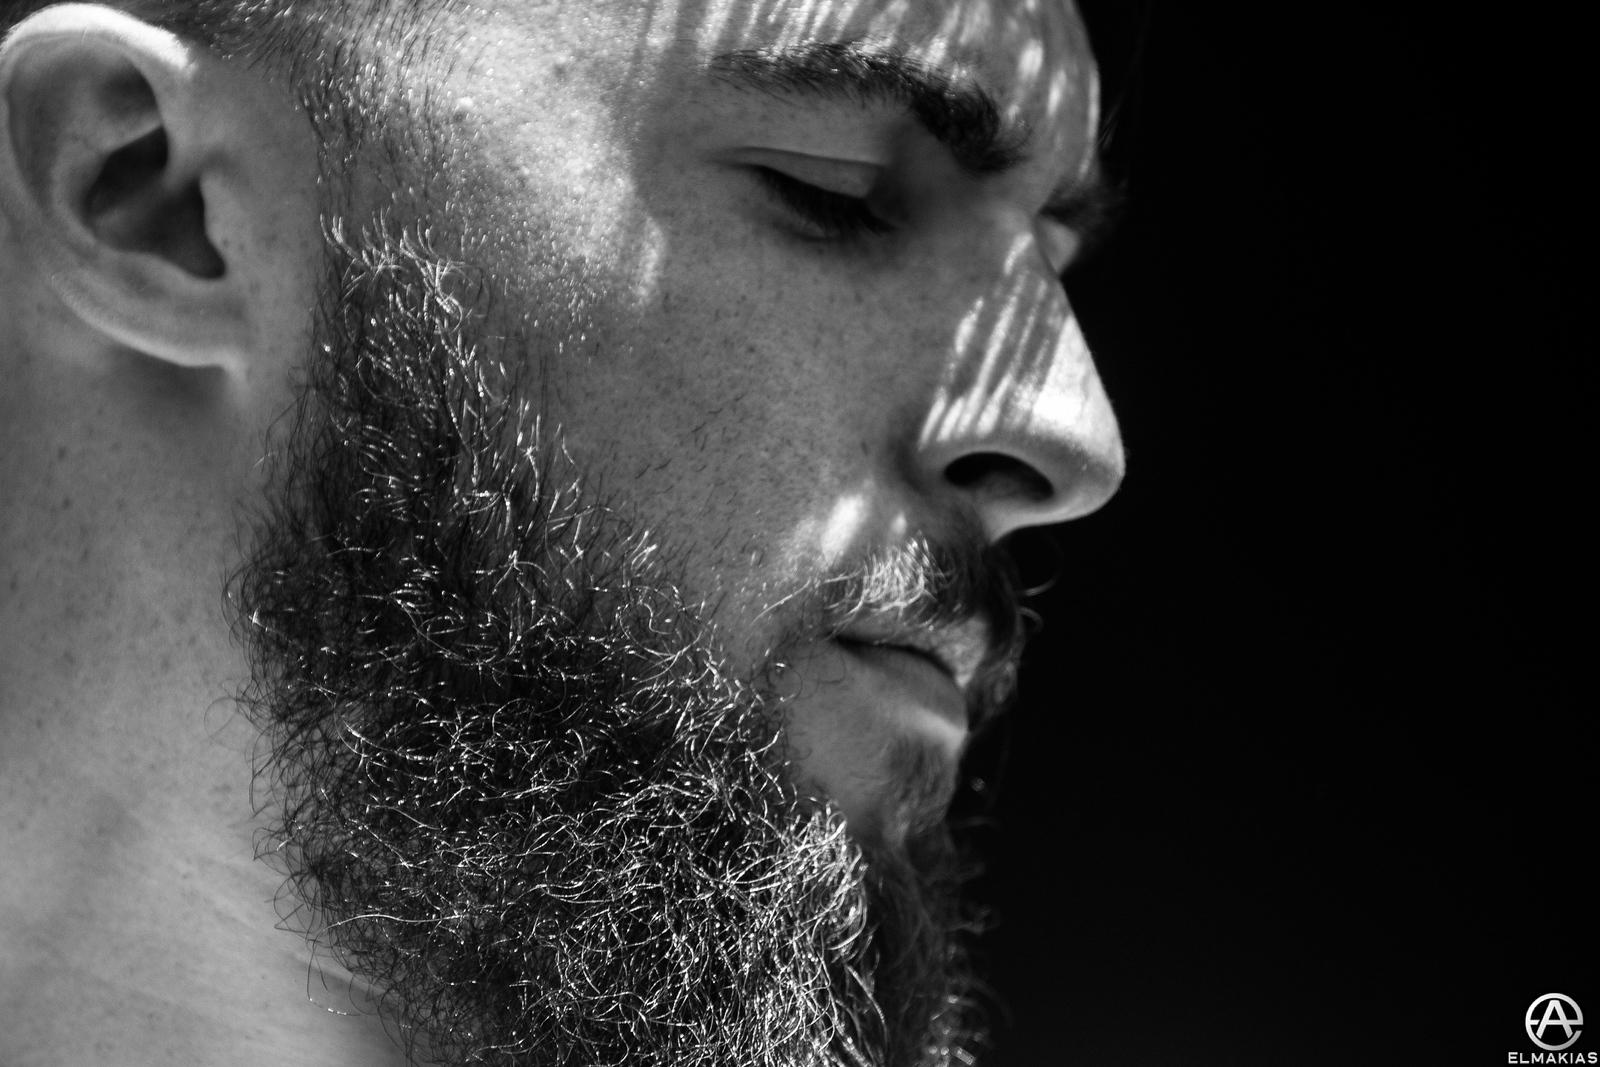 Onstage Portrait - Matt West of Neck Deep